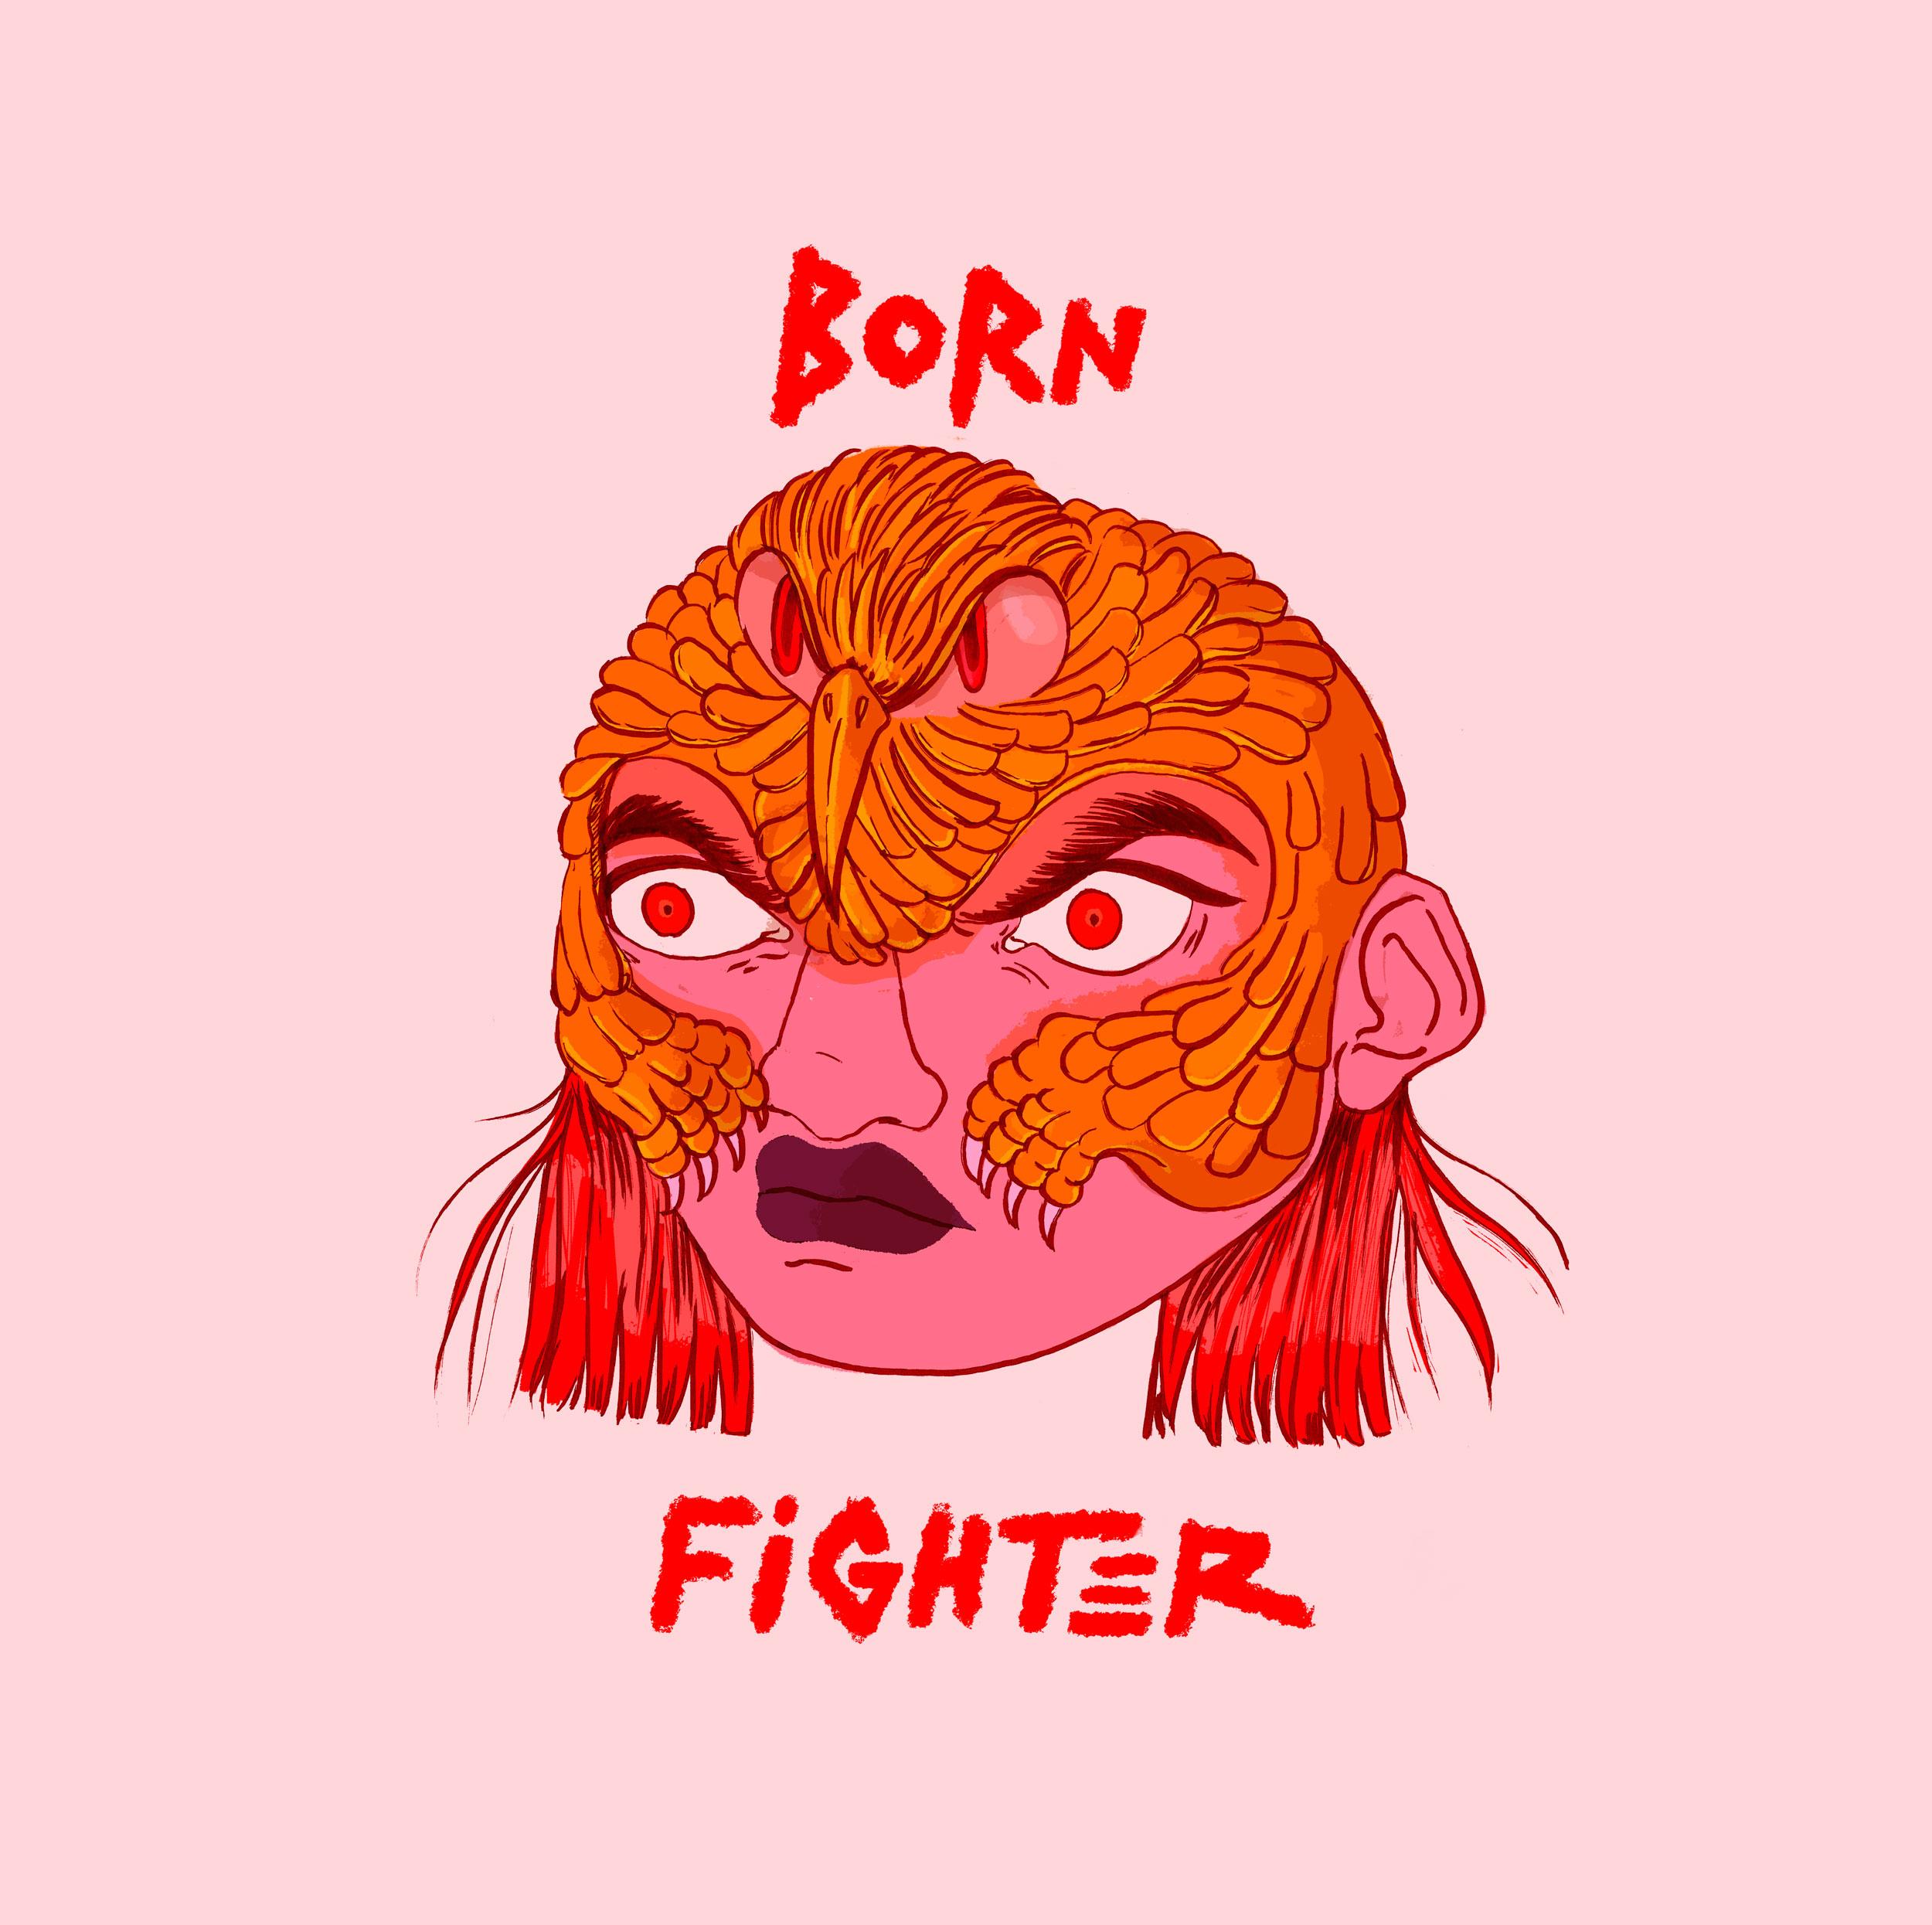 Borislava_Mihaela_Karadjovi_Born Fighter_social3.jpg